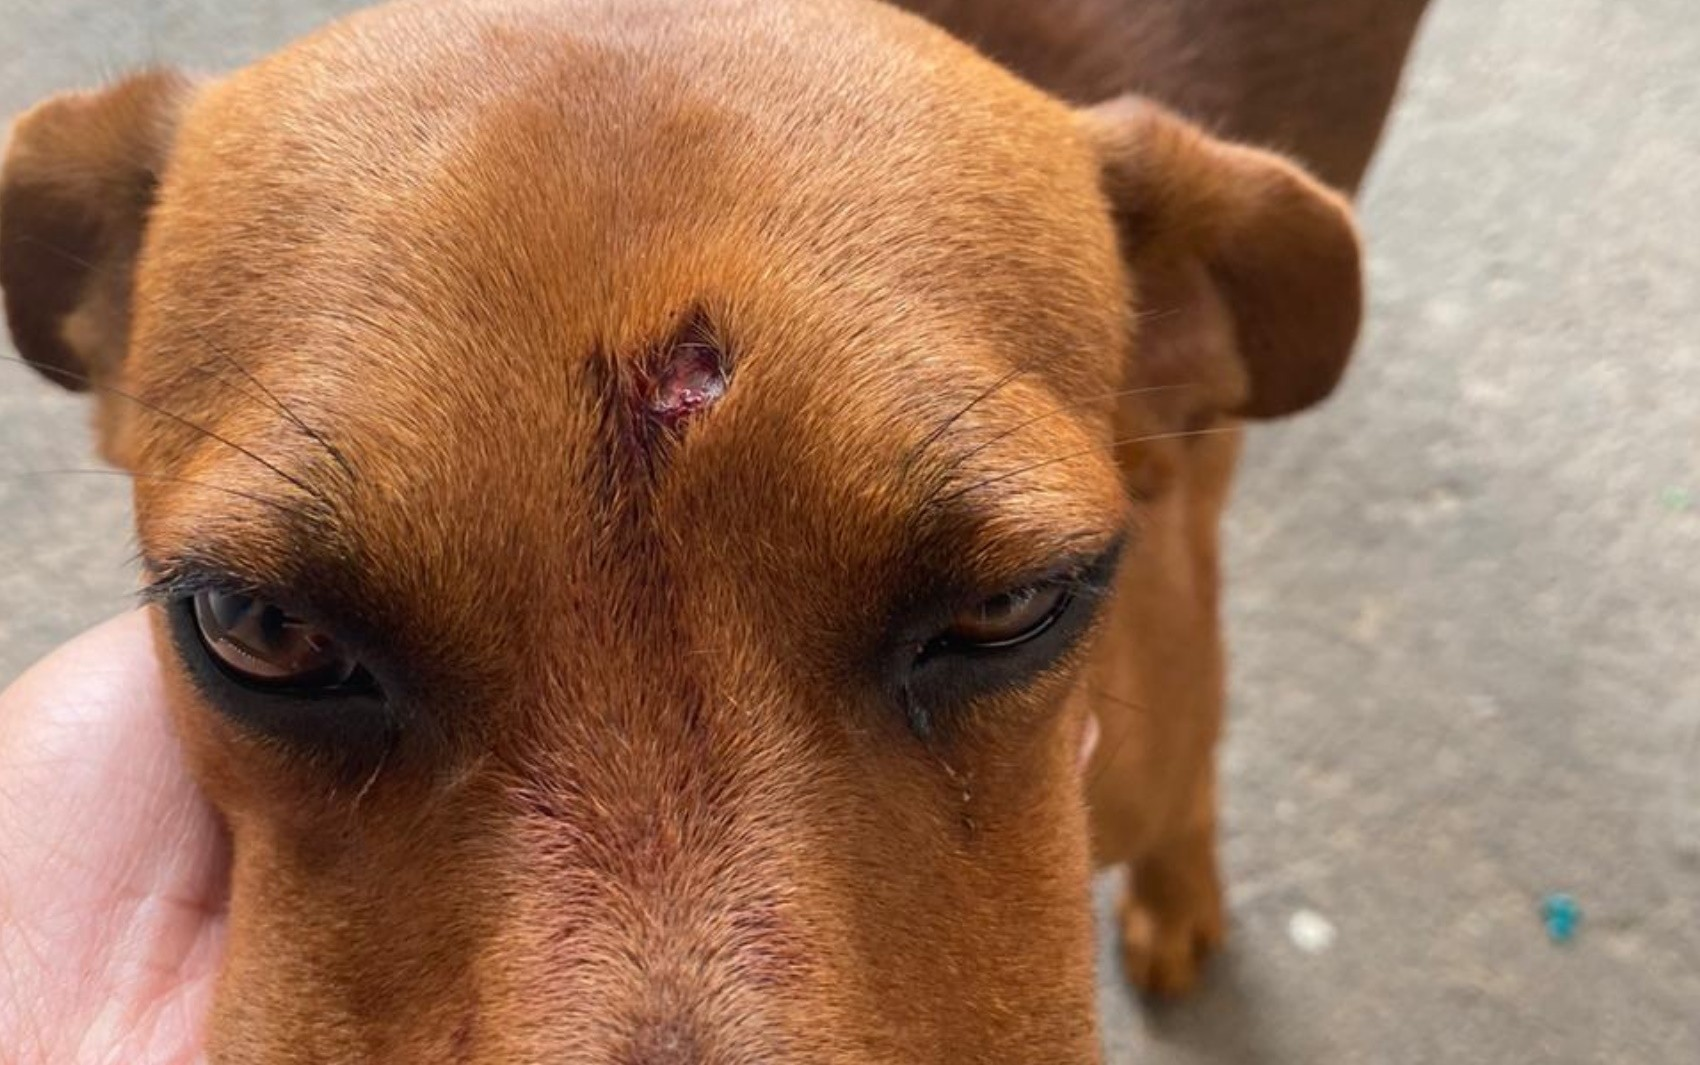 Homem é preso suspeito de atirar com chumbinho em cachorro; flagrante é 1º em Goiânia após nova lei de maus-tratos, diz OAB